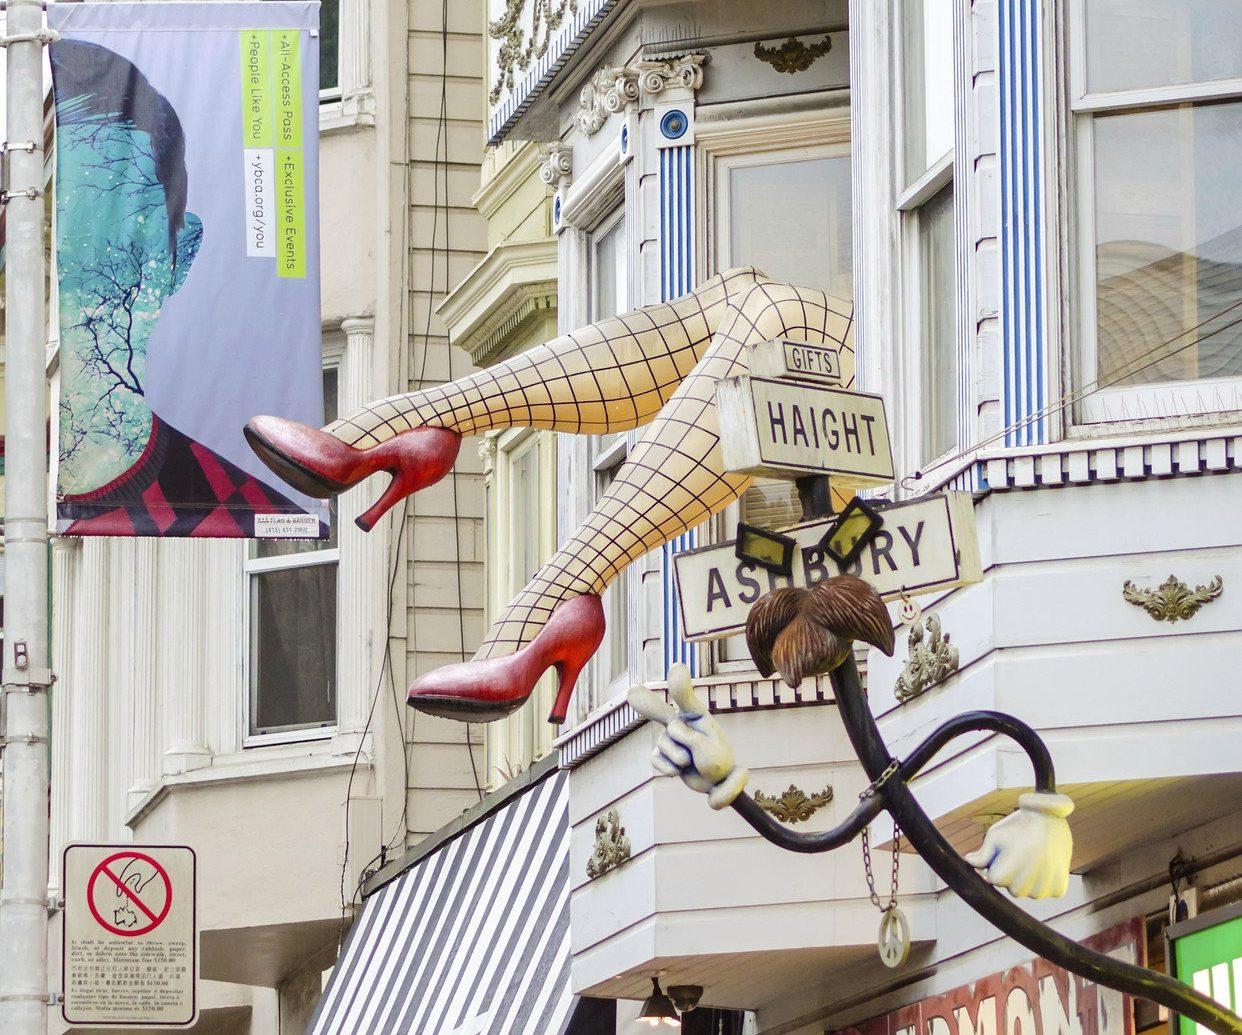 Trip Ideas building outdoor road street art shopping facade